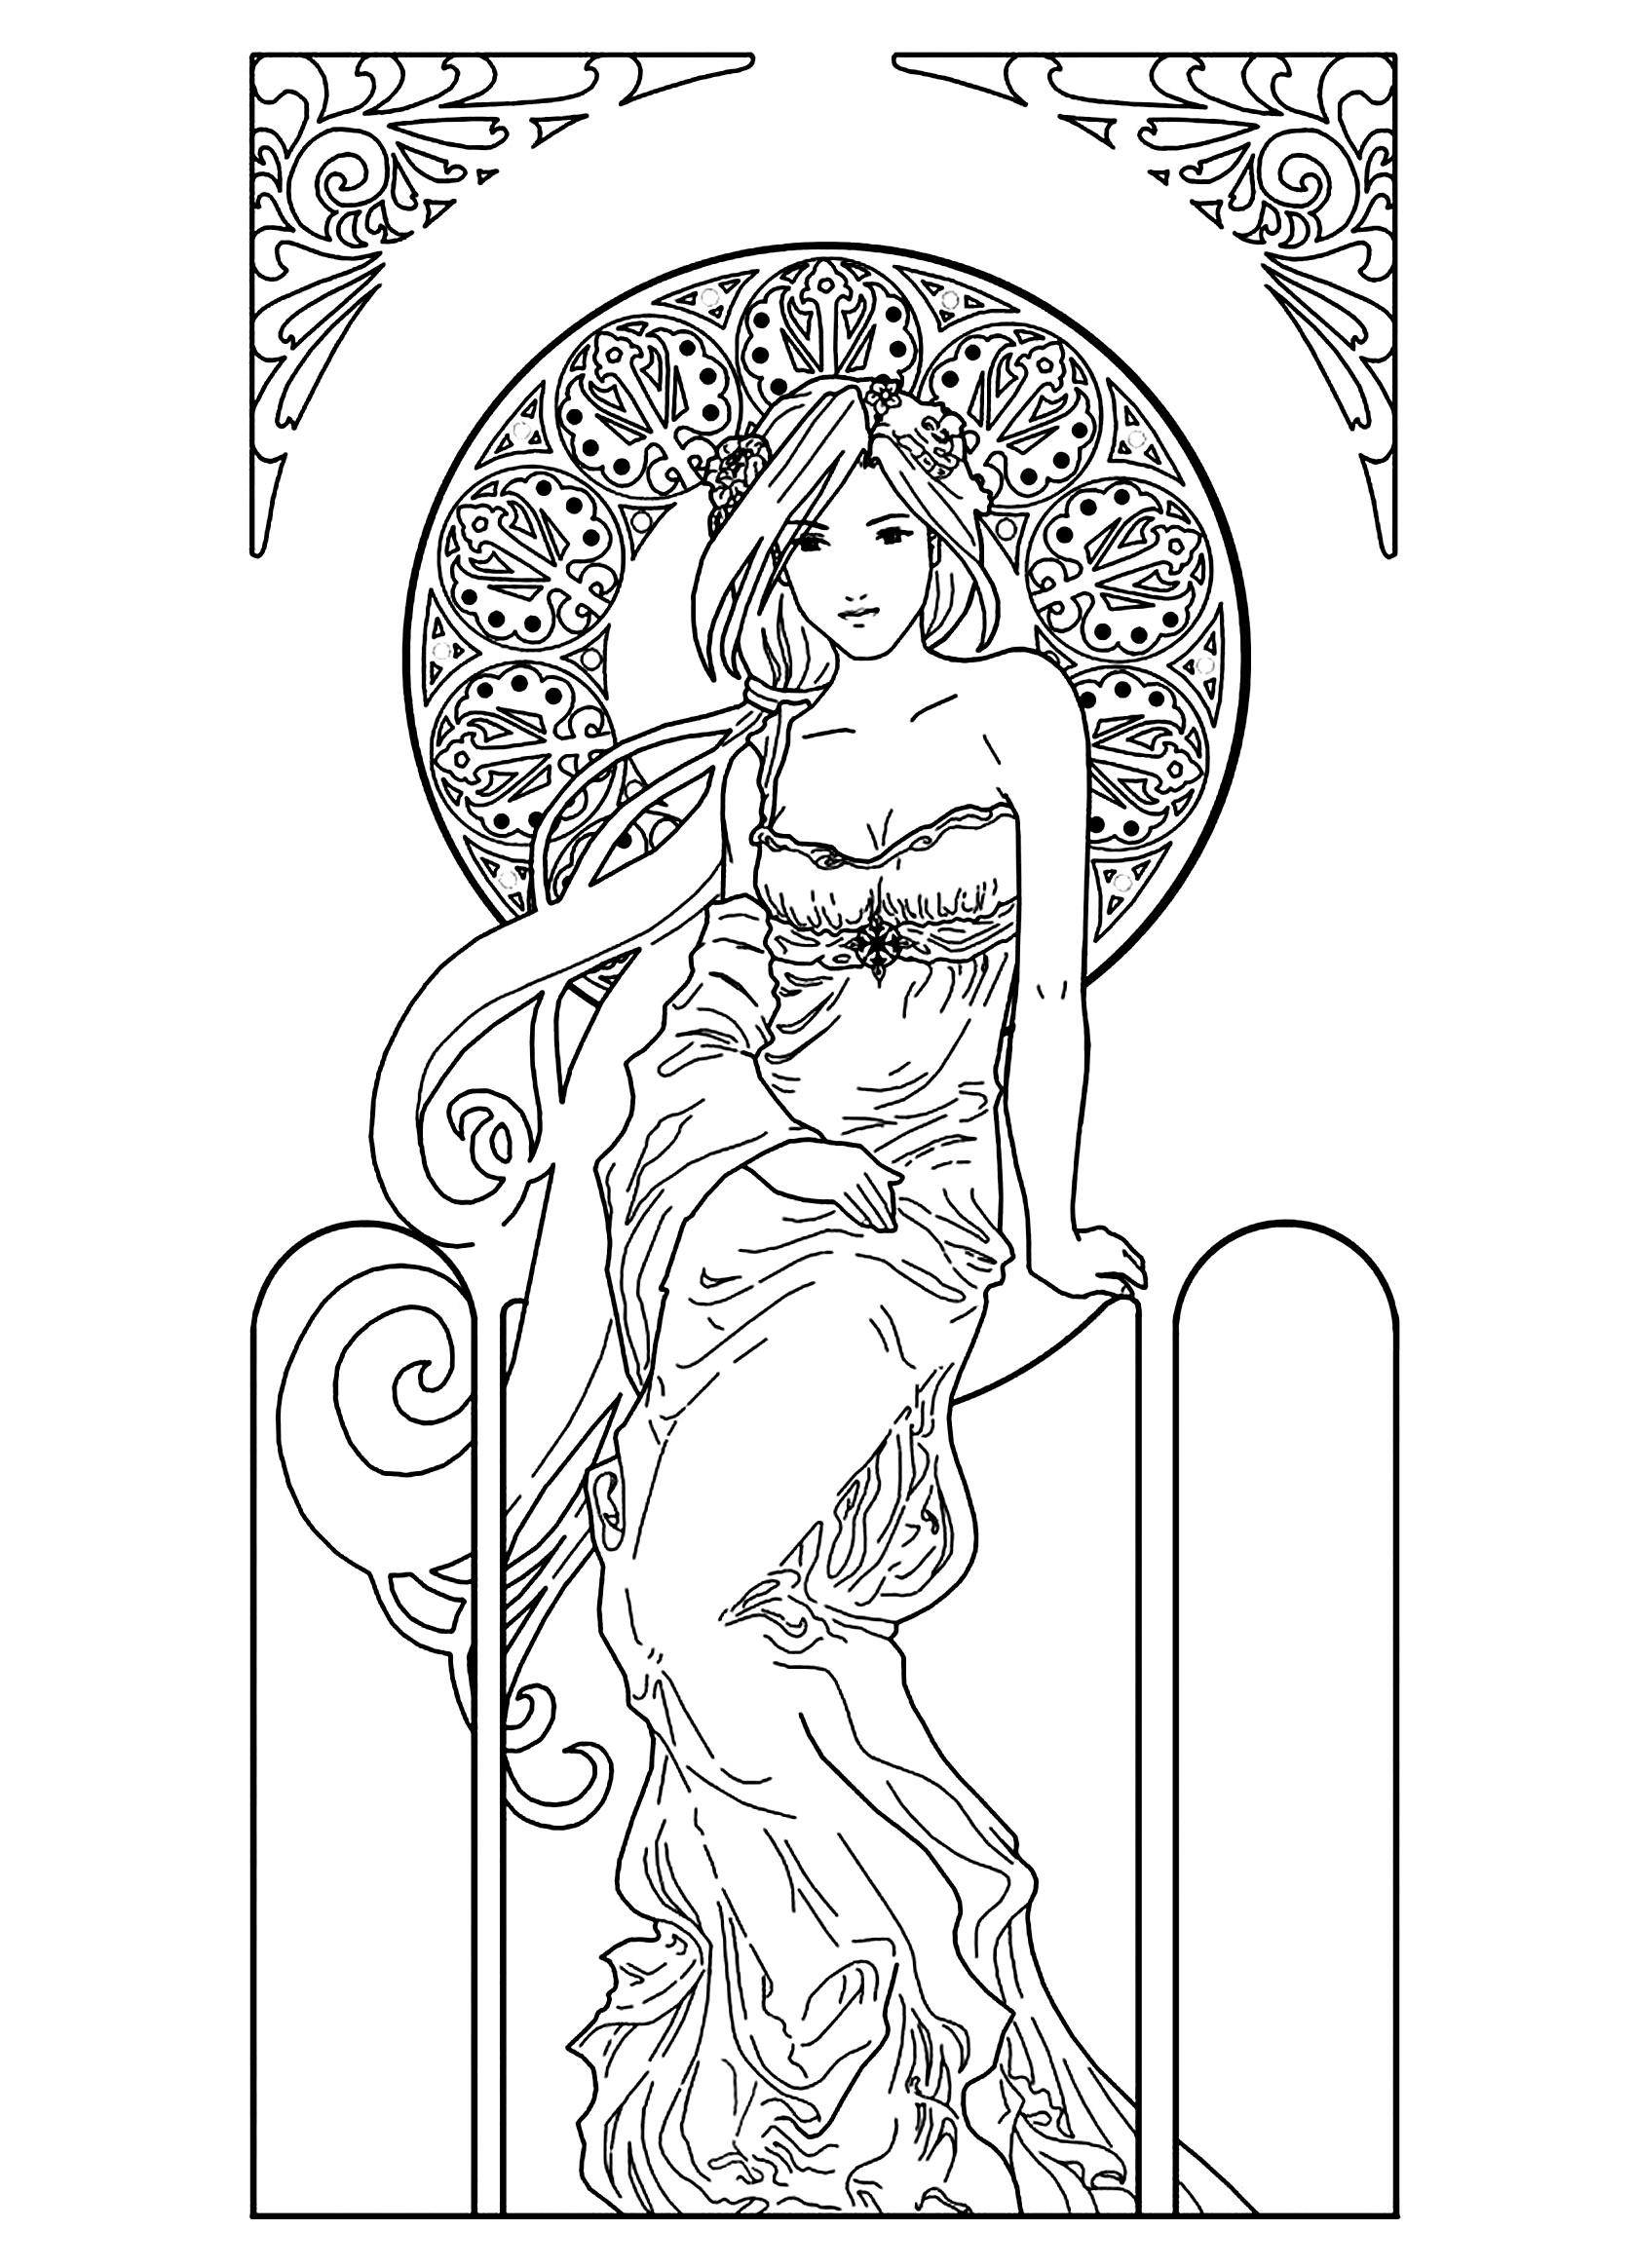 Drawing Woman Inspiration Art Nouveau Art Nouveau Adult Coloring Pages